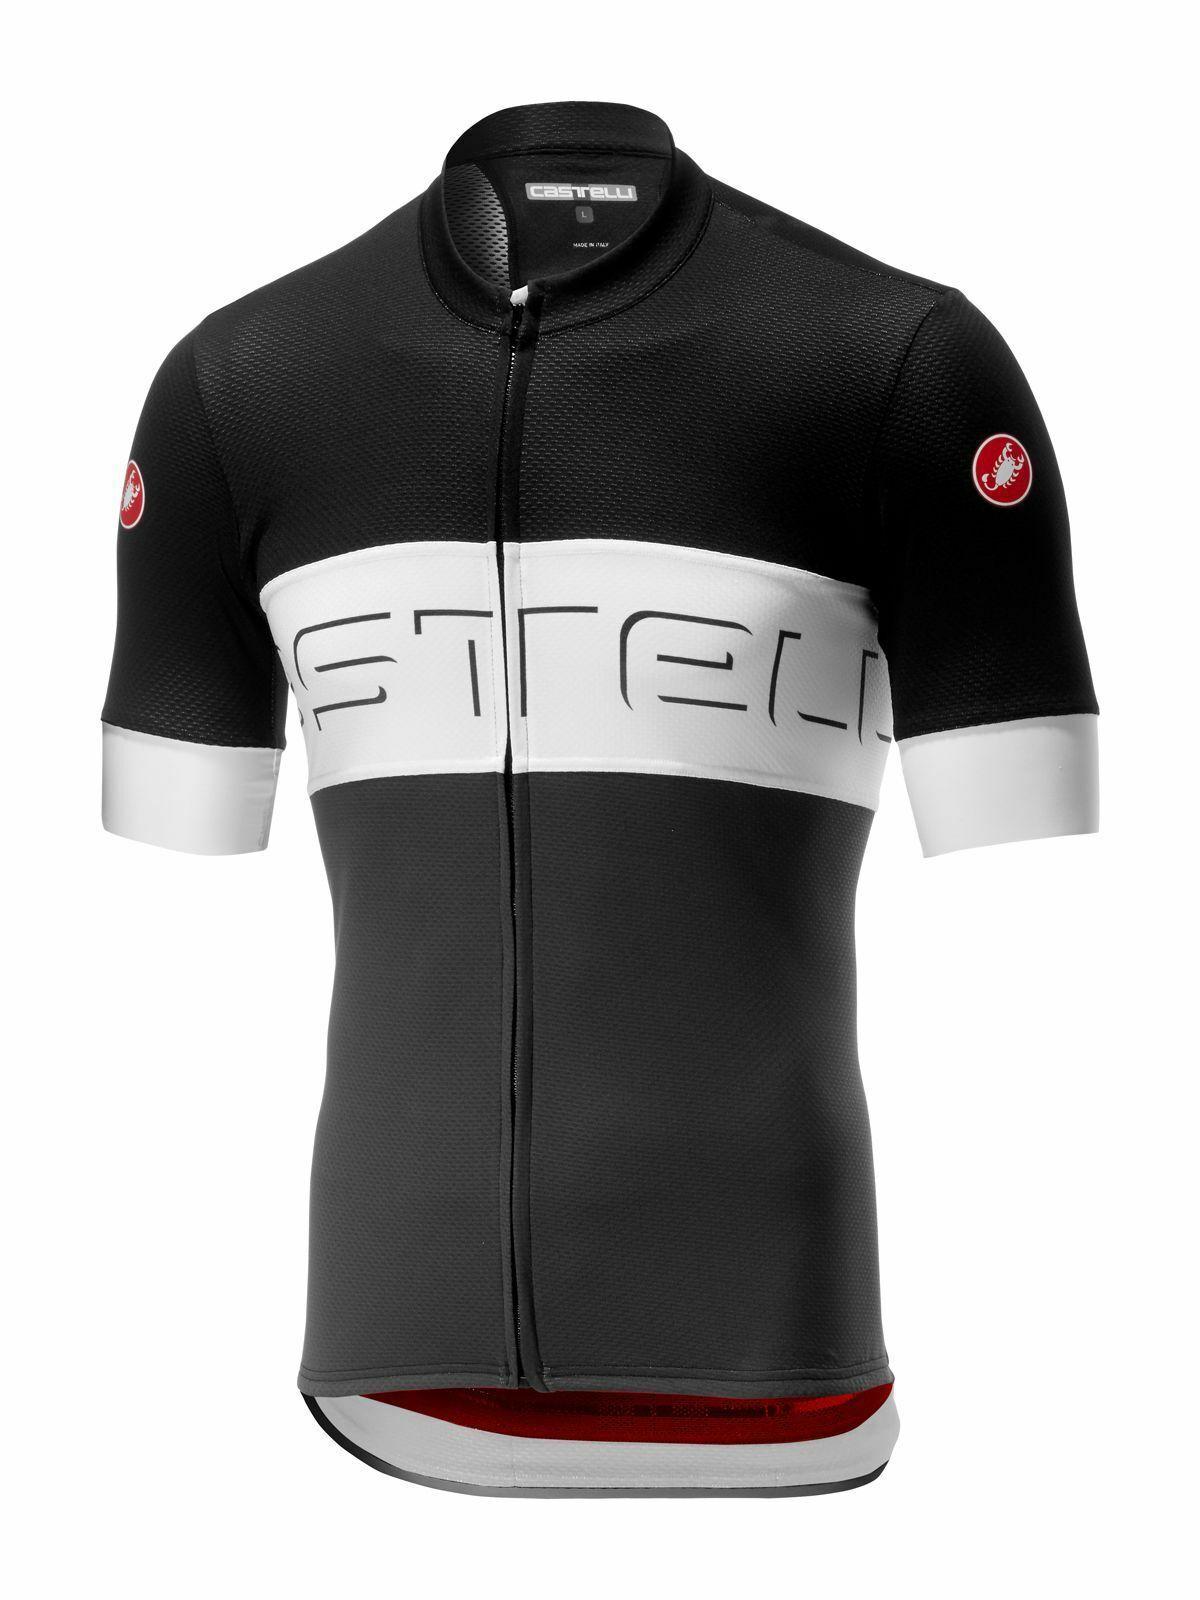 Trikot Castelli Prologo VI, Herren, schwarz-weiß, Rennrad, Marathon